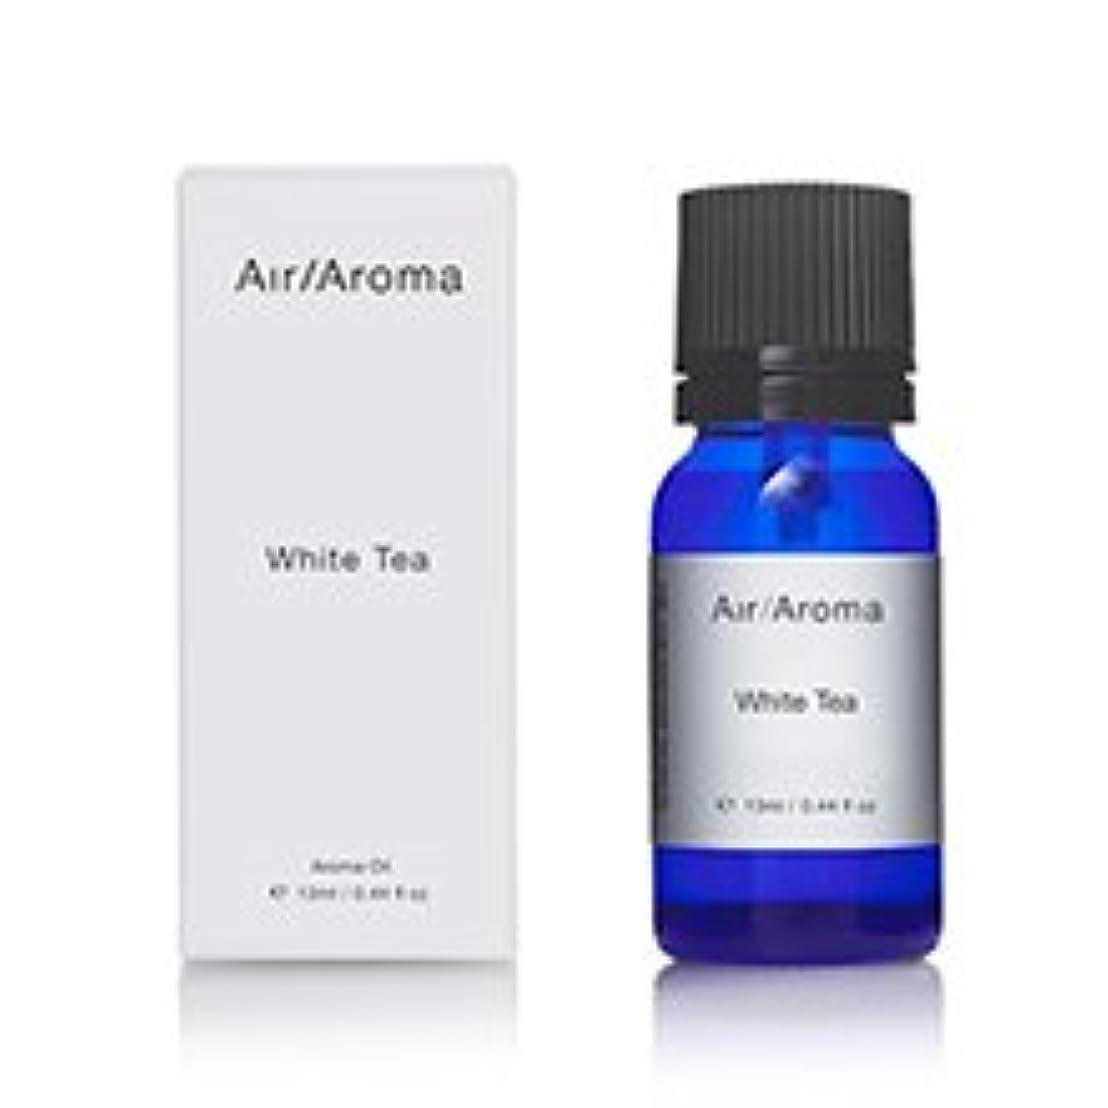 三角形現実素晴らしさエアアロマ White Tea (ホワイトティー) 13ml